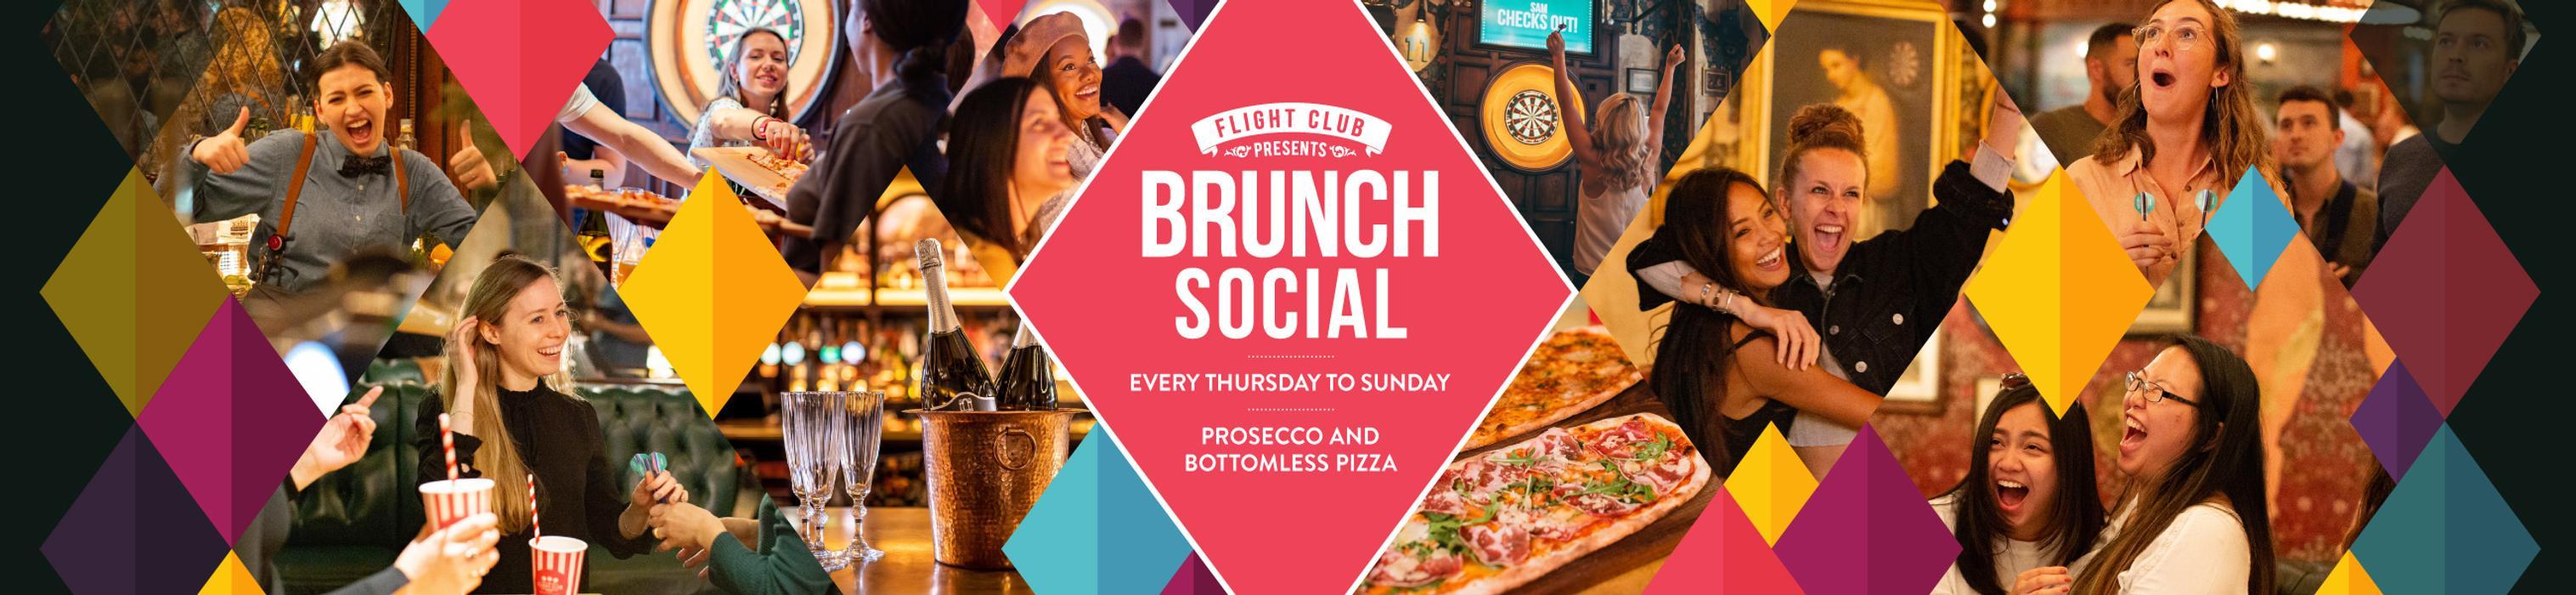 Brunch Social's event image